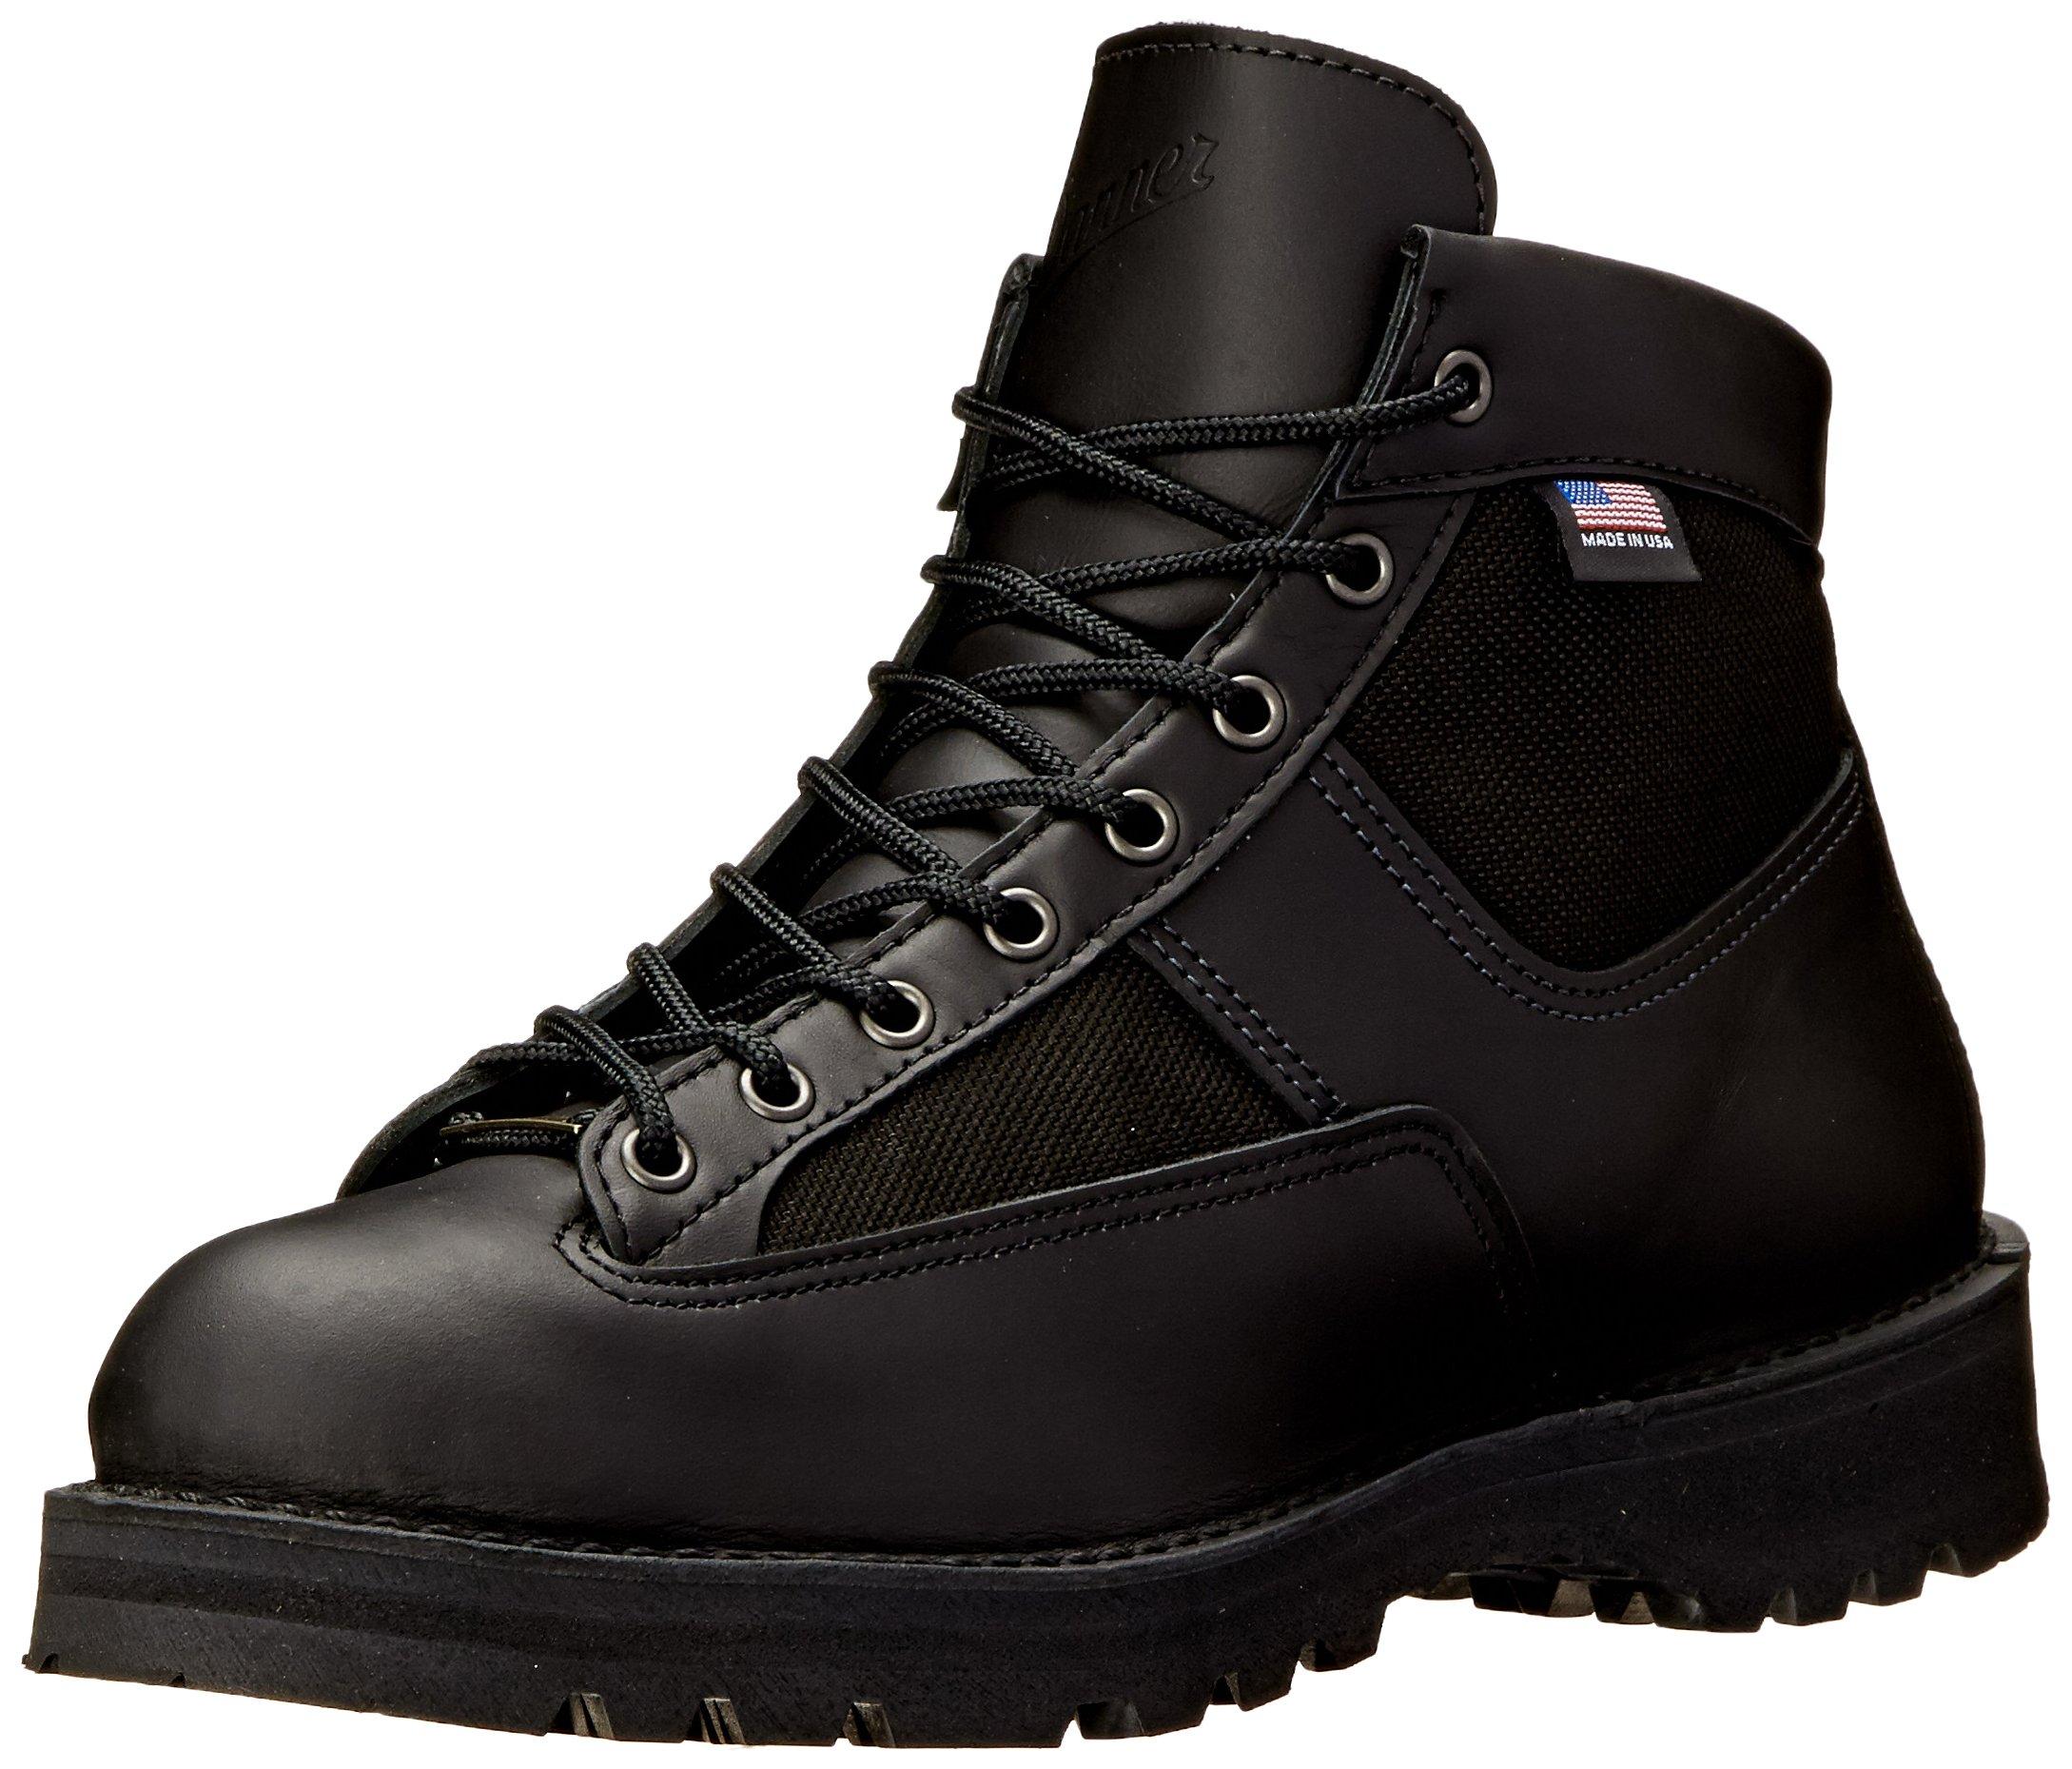 Danner Patrol 6 Inch Law Enforcement Boot, Black,10 D US